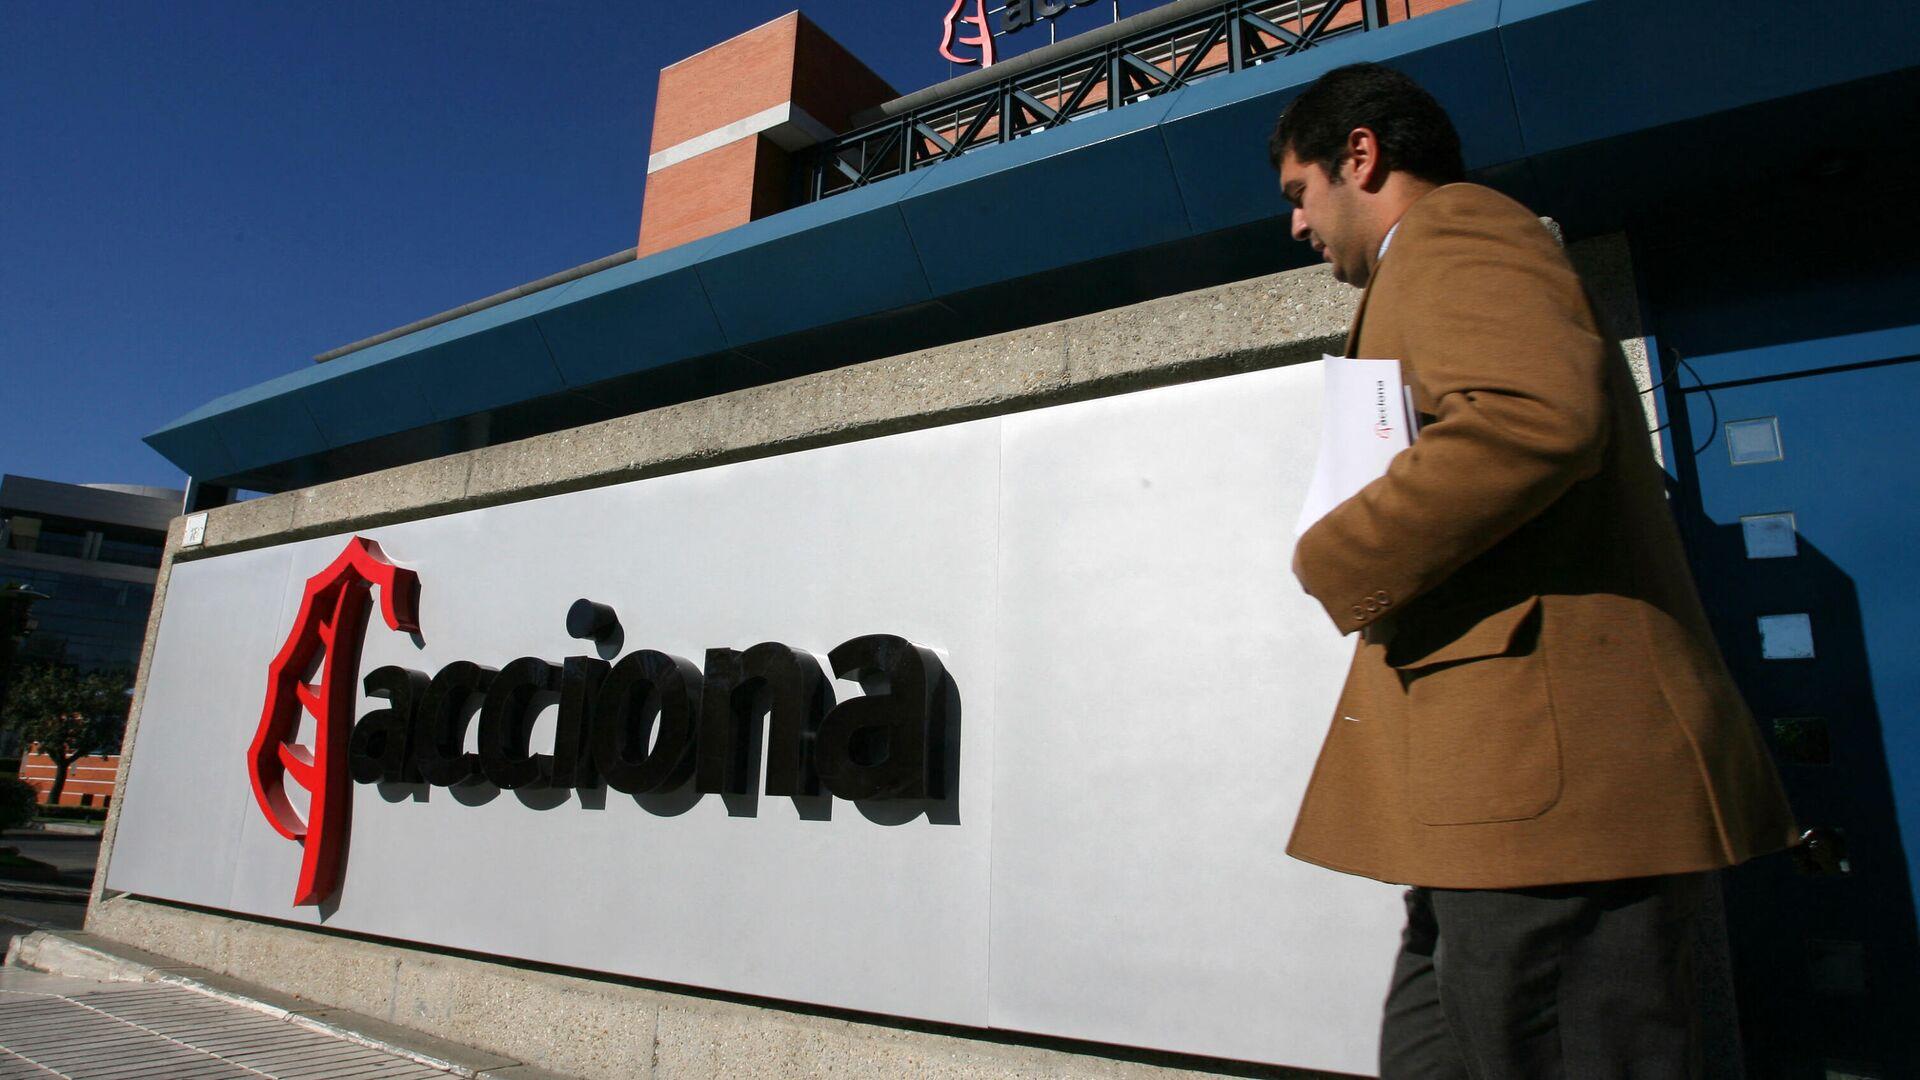 Empresa española Acciona de promoción y gestión de infraestructuras (agua, concesiones, construcciones y servicios) y energías renovables - Sputnik Mundo, 1920, 23.03.2021